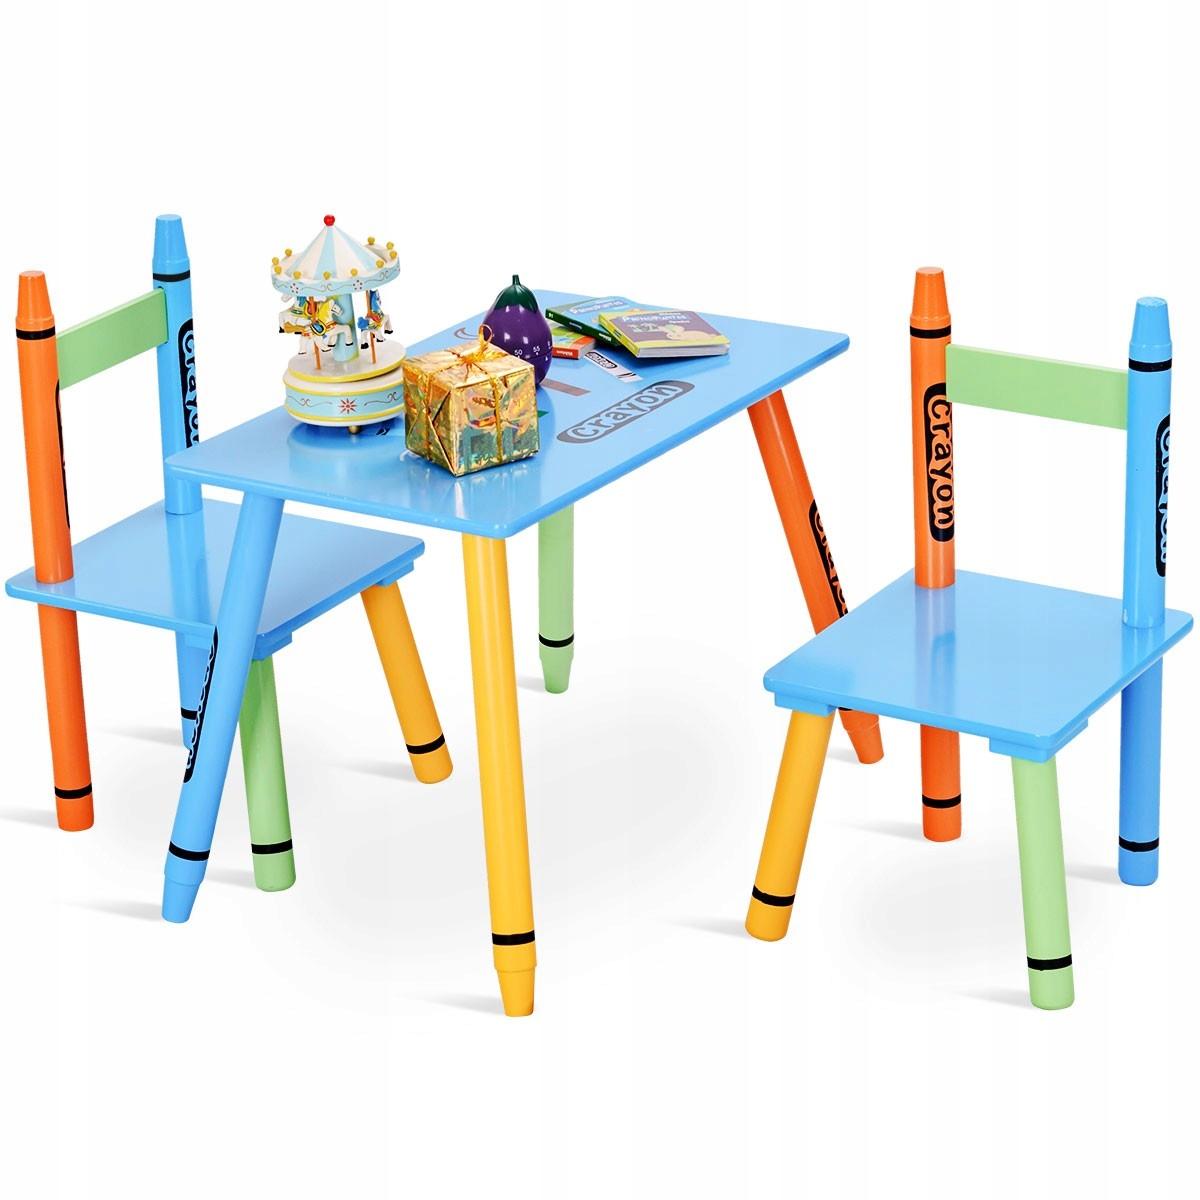 комплект стол, СТОЛ стулья СТУЛЬЧИКИ ДЛЯ ДЕТЕЙ